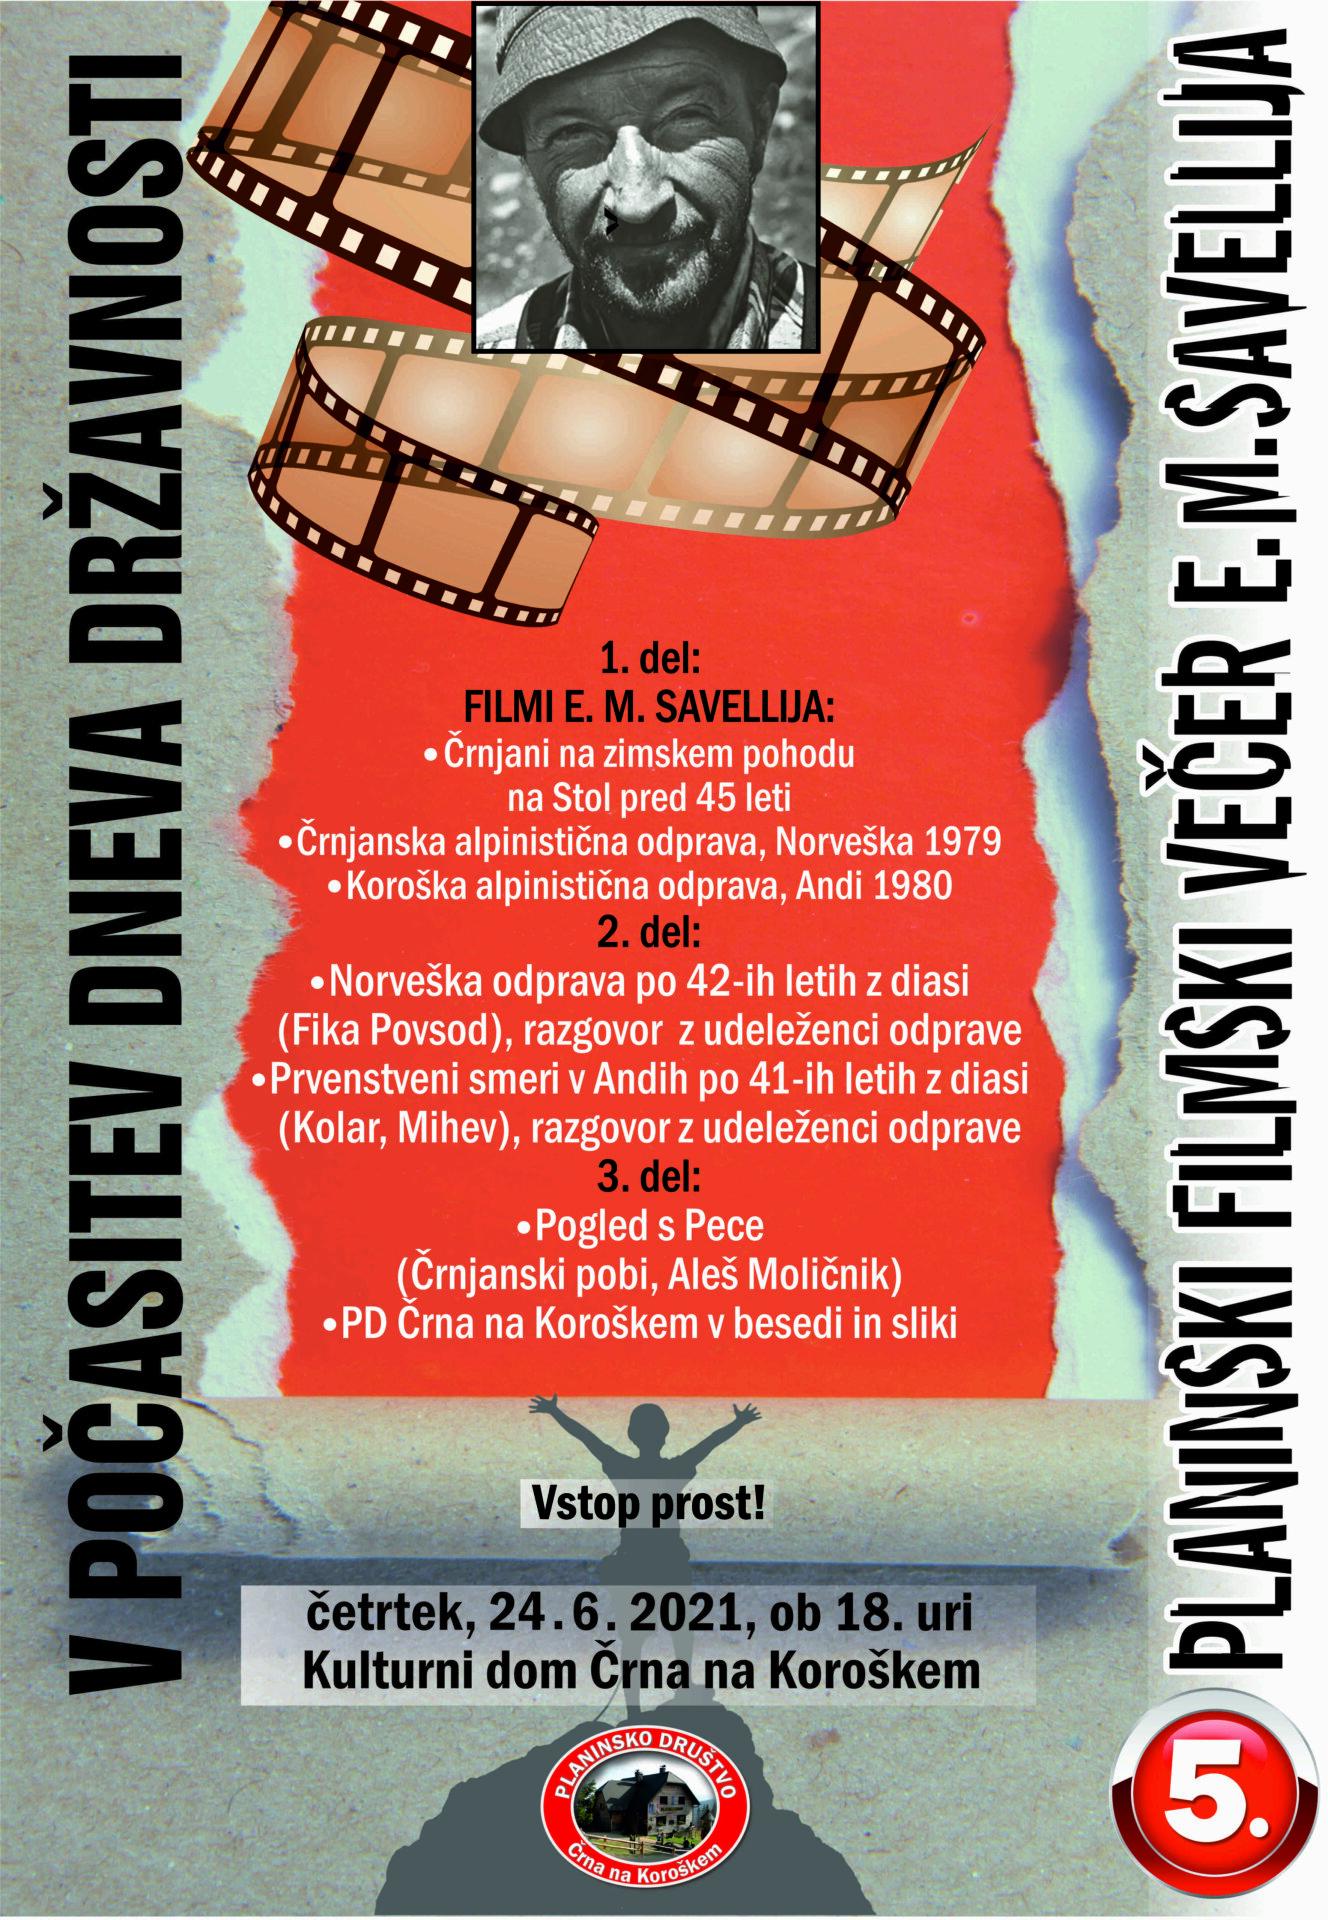 5. Planinski filmski večer E.M.Savellija